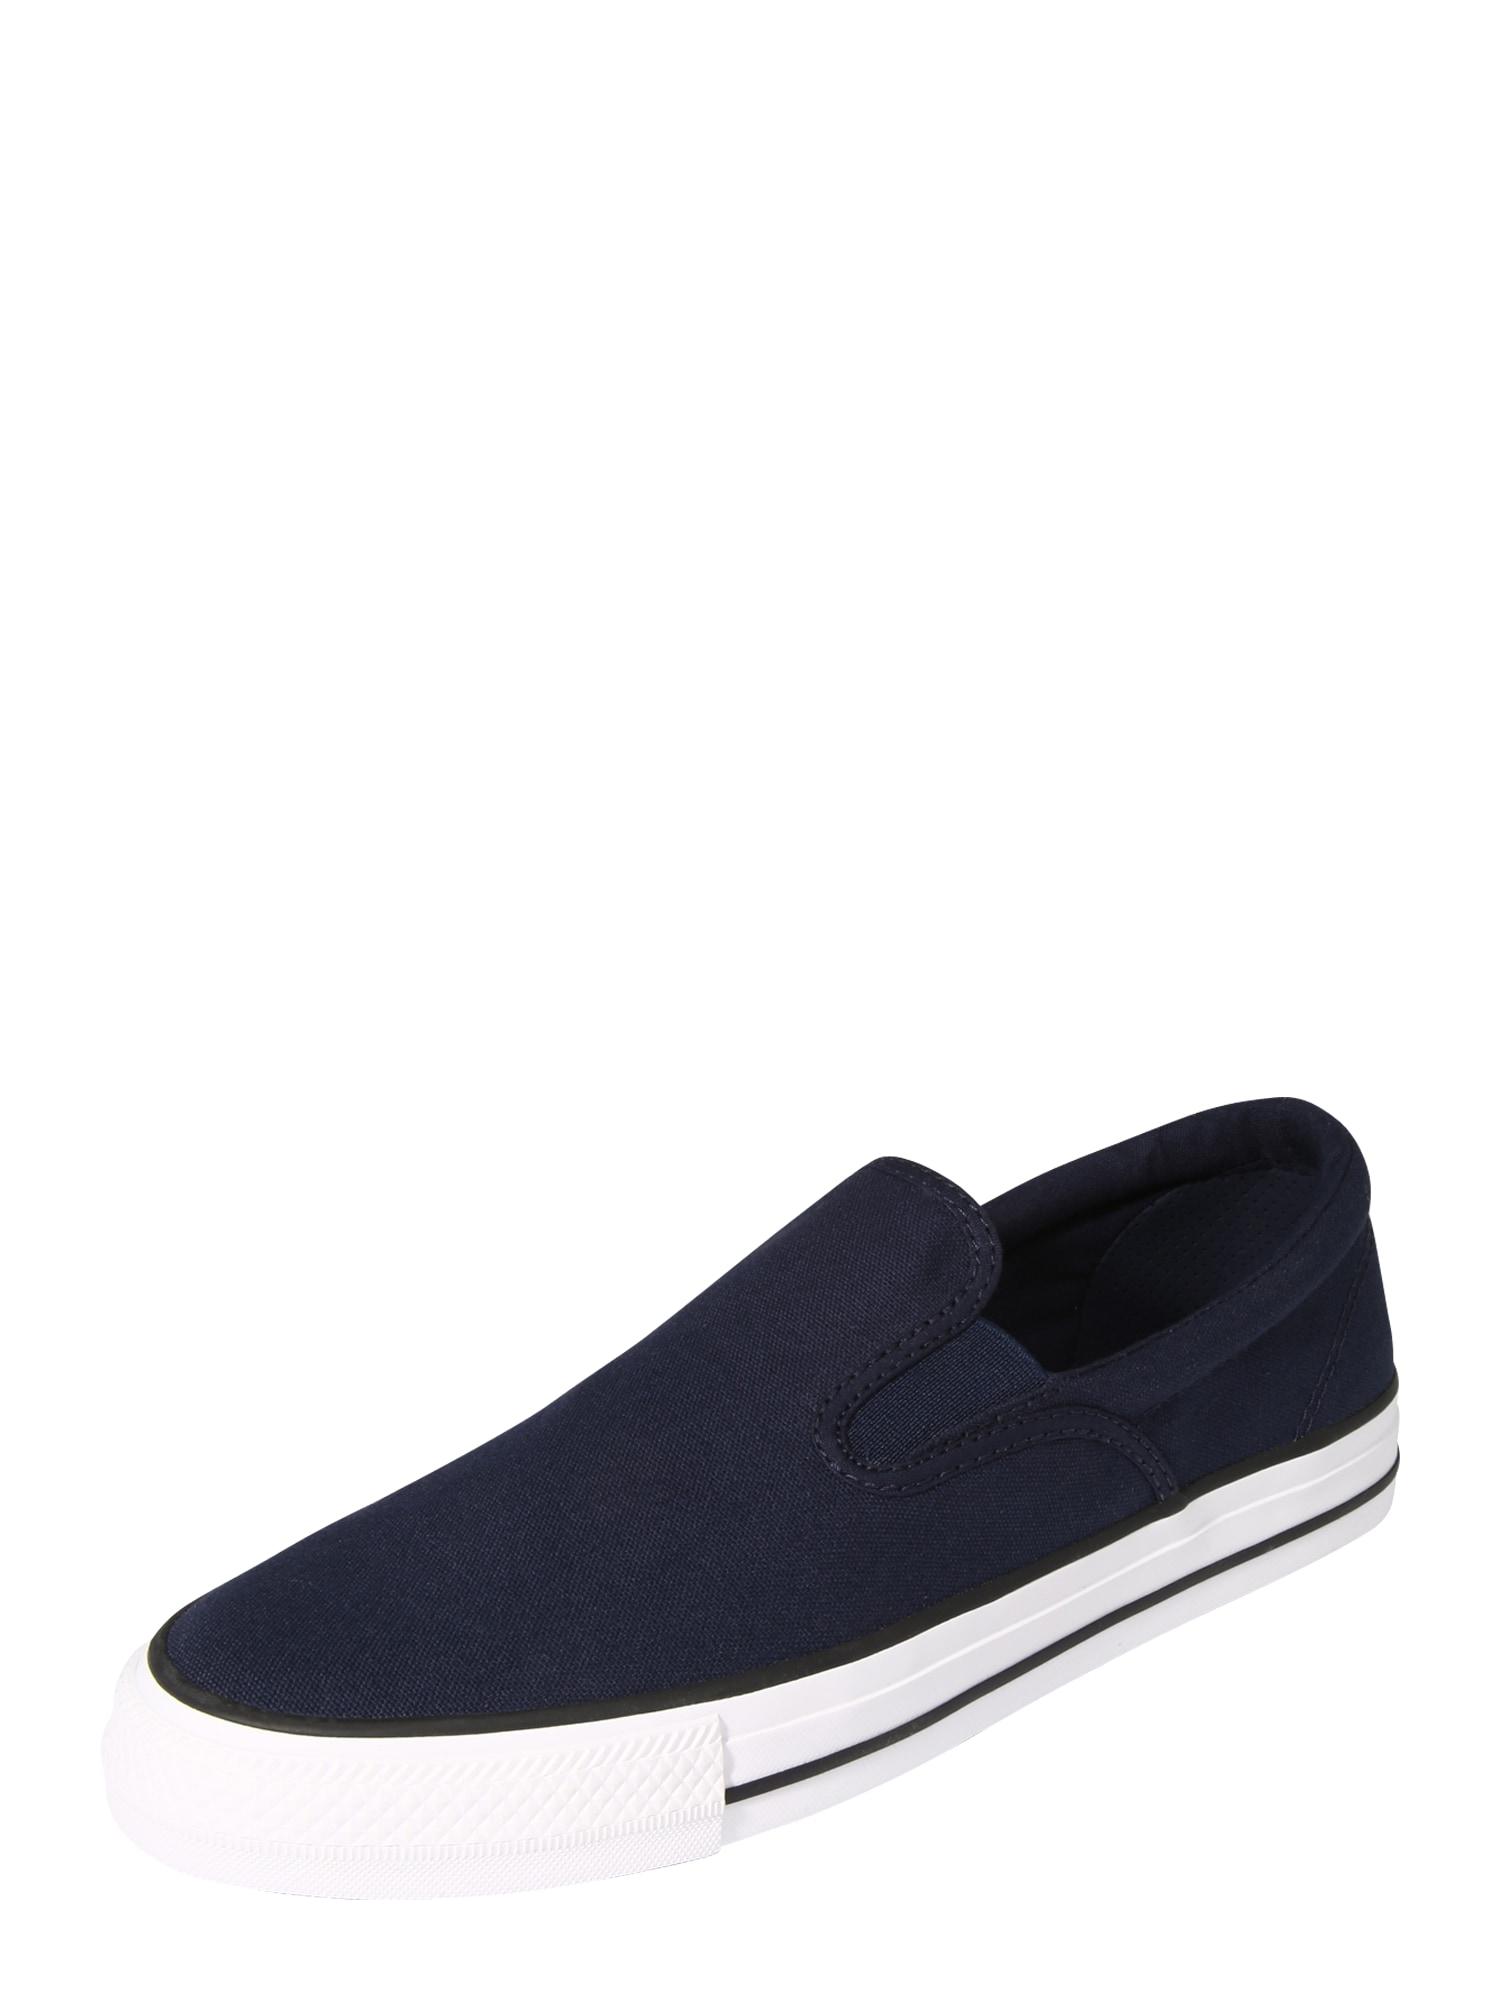 CONVERSE Slip on boty  bílá / noční modrá